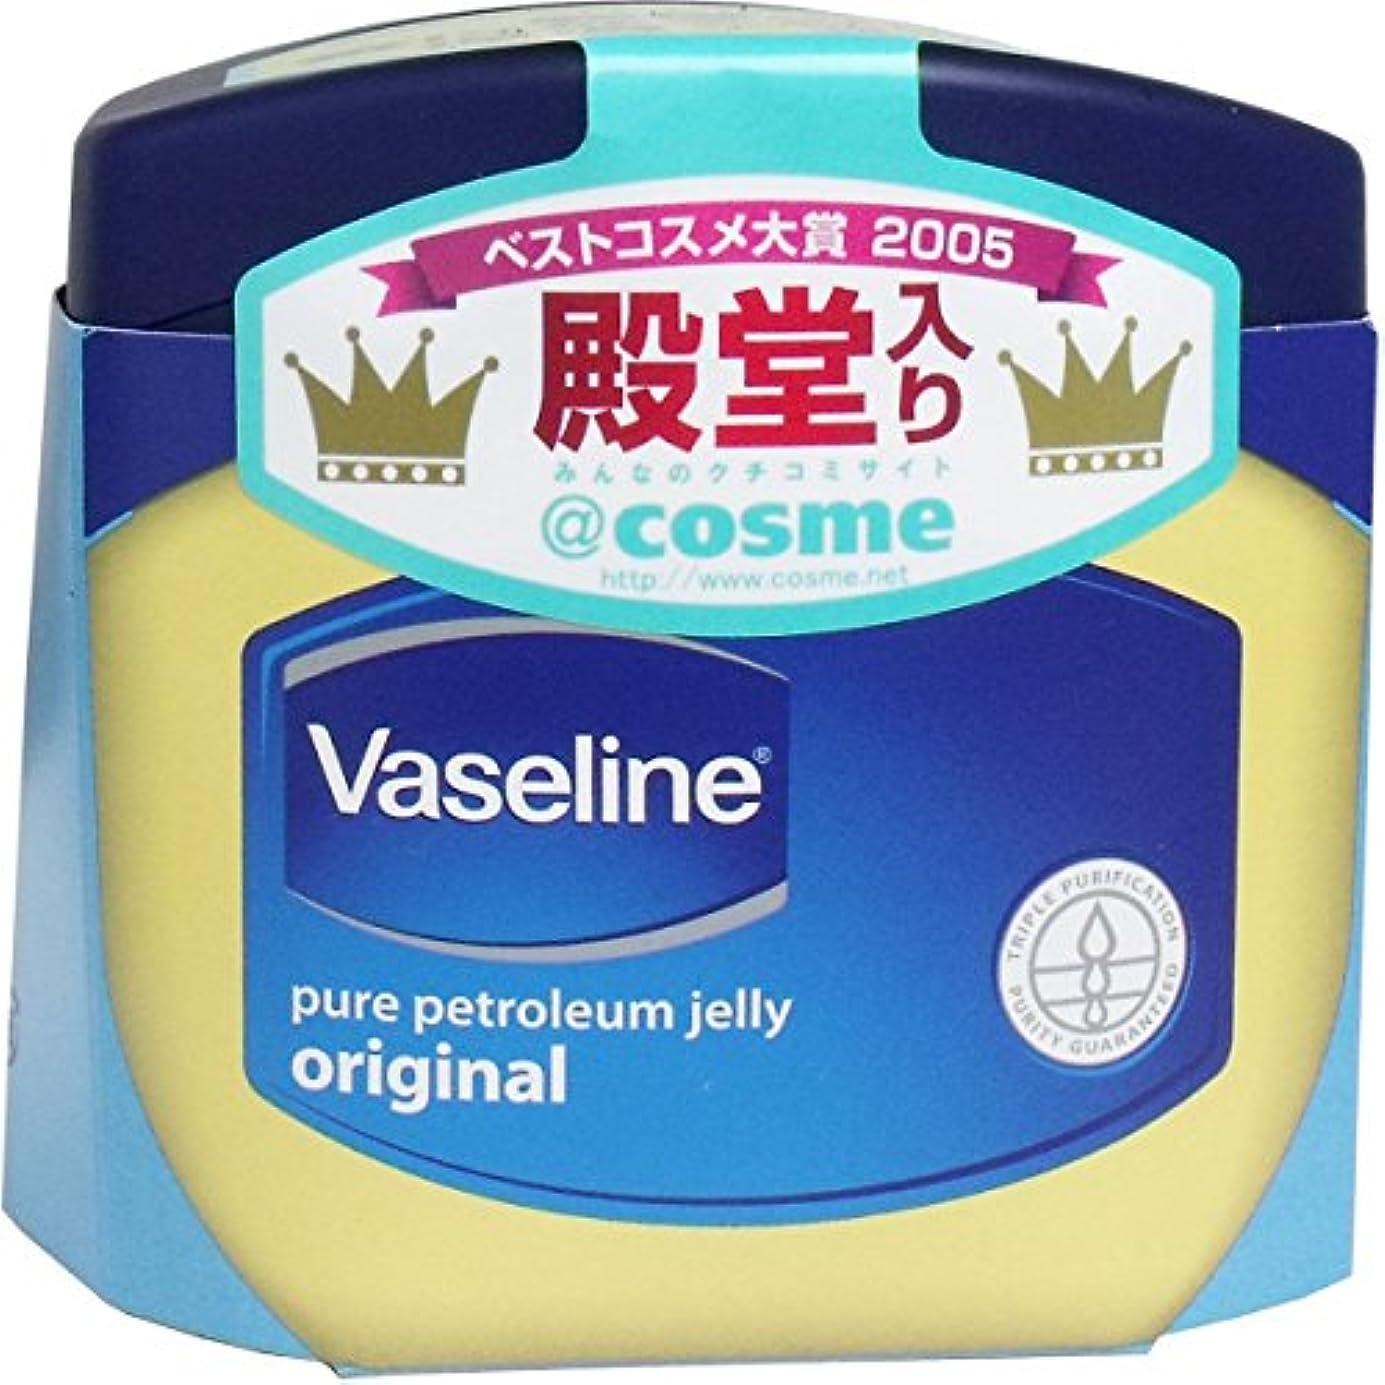 一般平凡排泄物【Vaseline】ヴァセリン ピュアスキンジェリー (スキンオイル) 200g ×10個セット